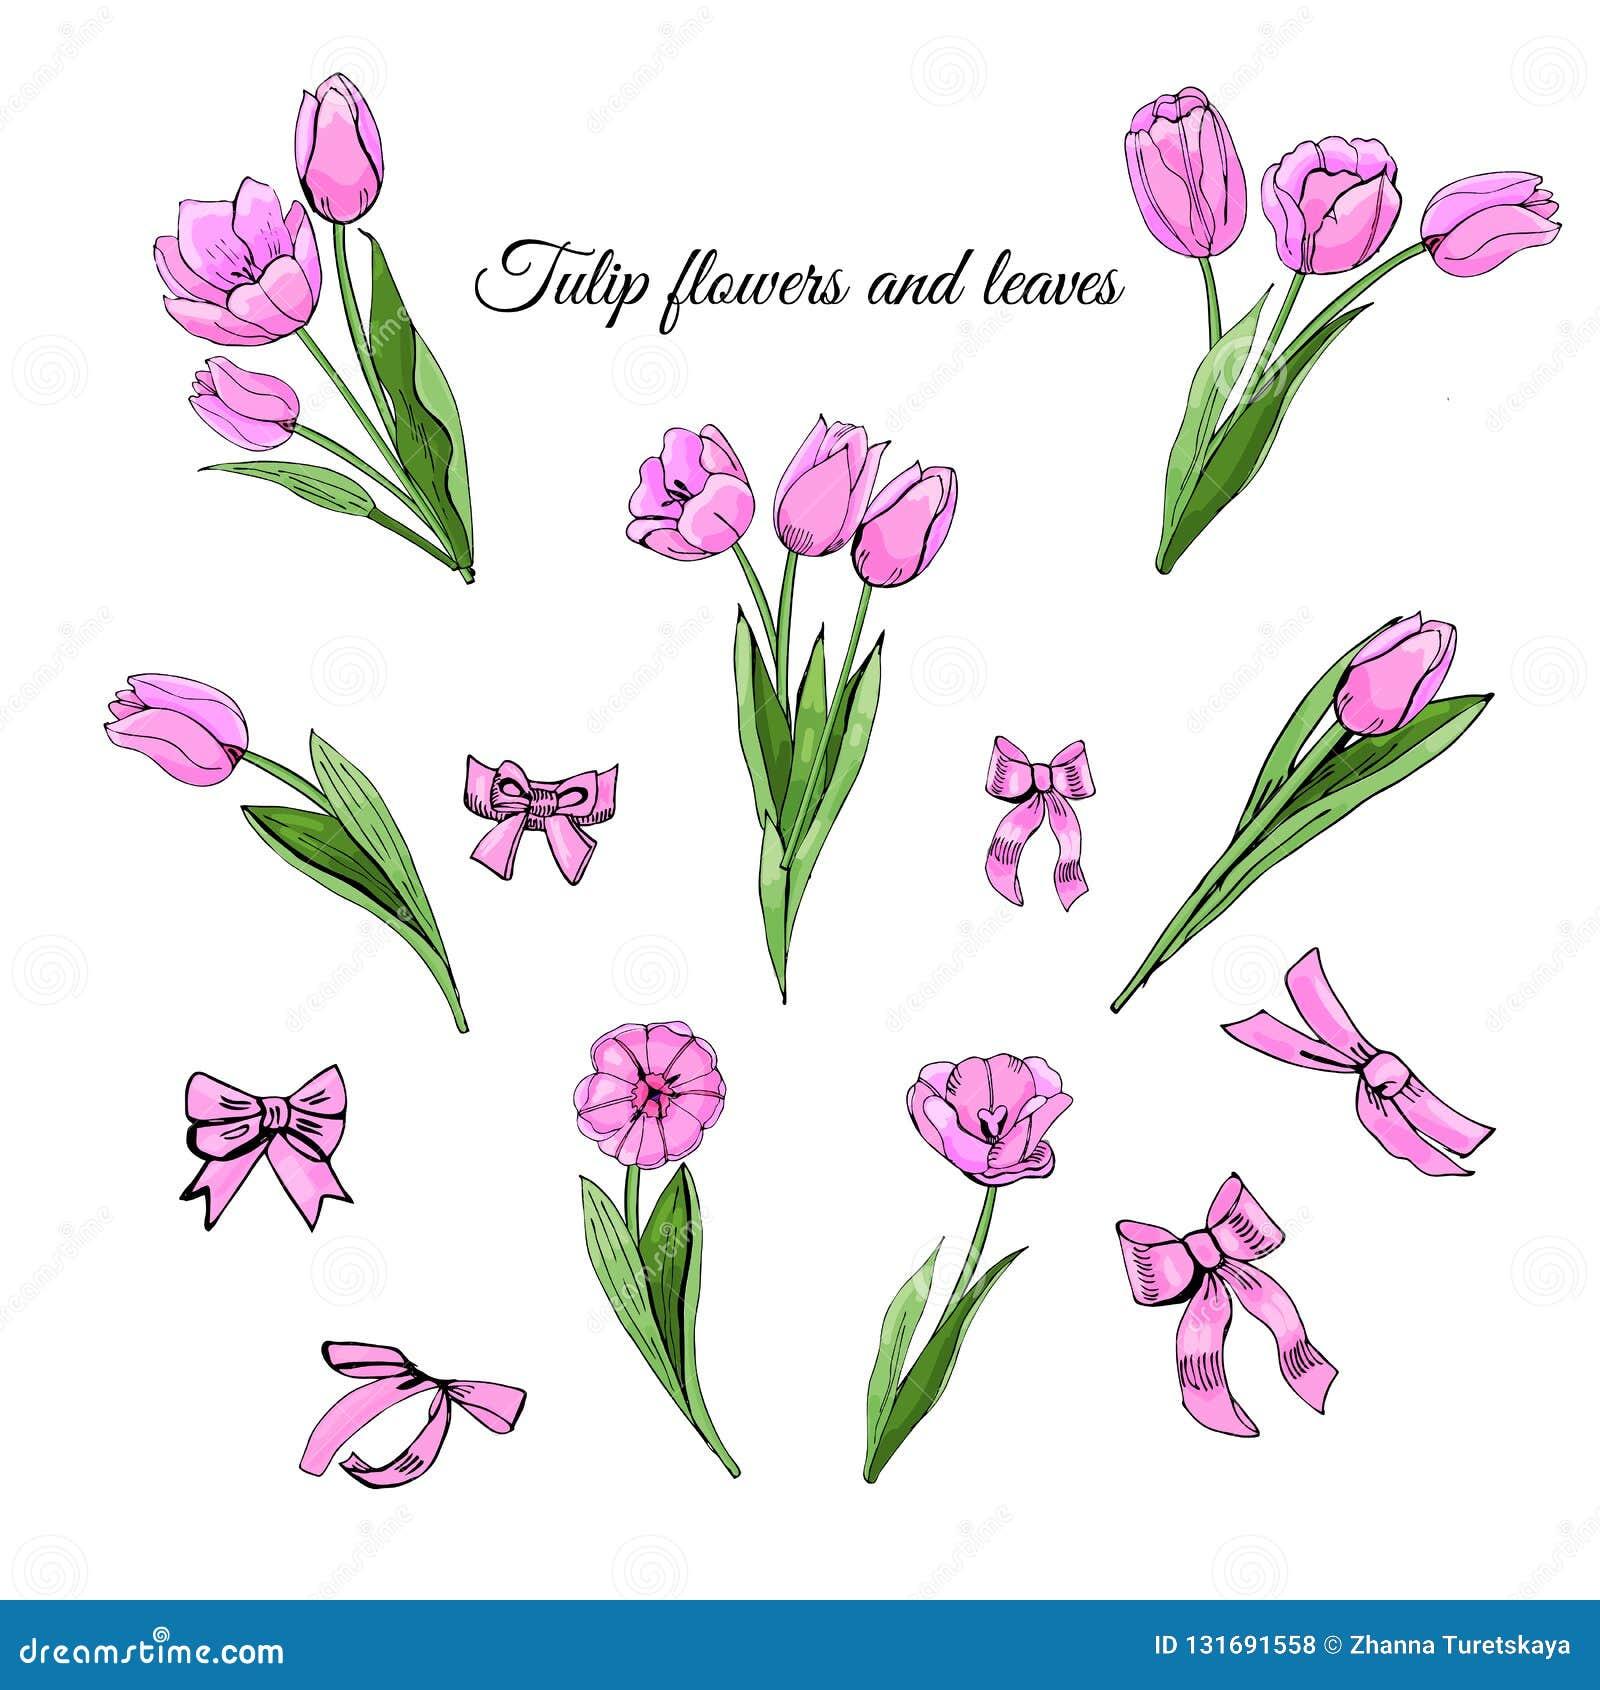 Den färgade fastställda handen som dras, skissar med rosa tulpanblommor, sidor och pilbågar som isoleras på vit bakgrund